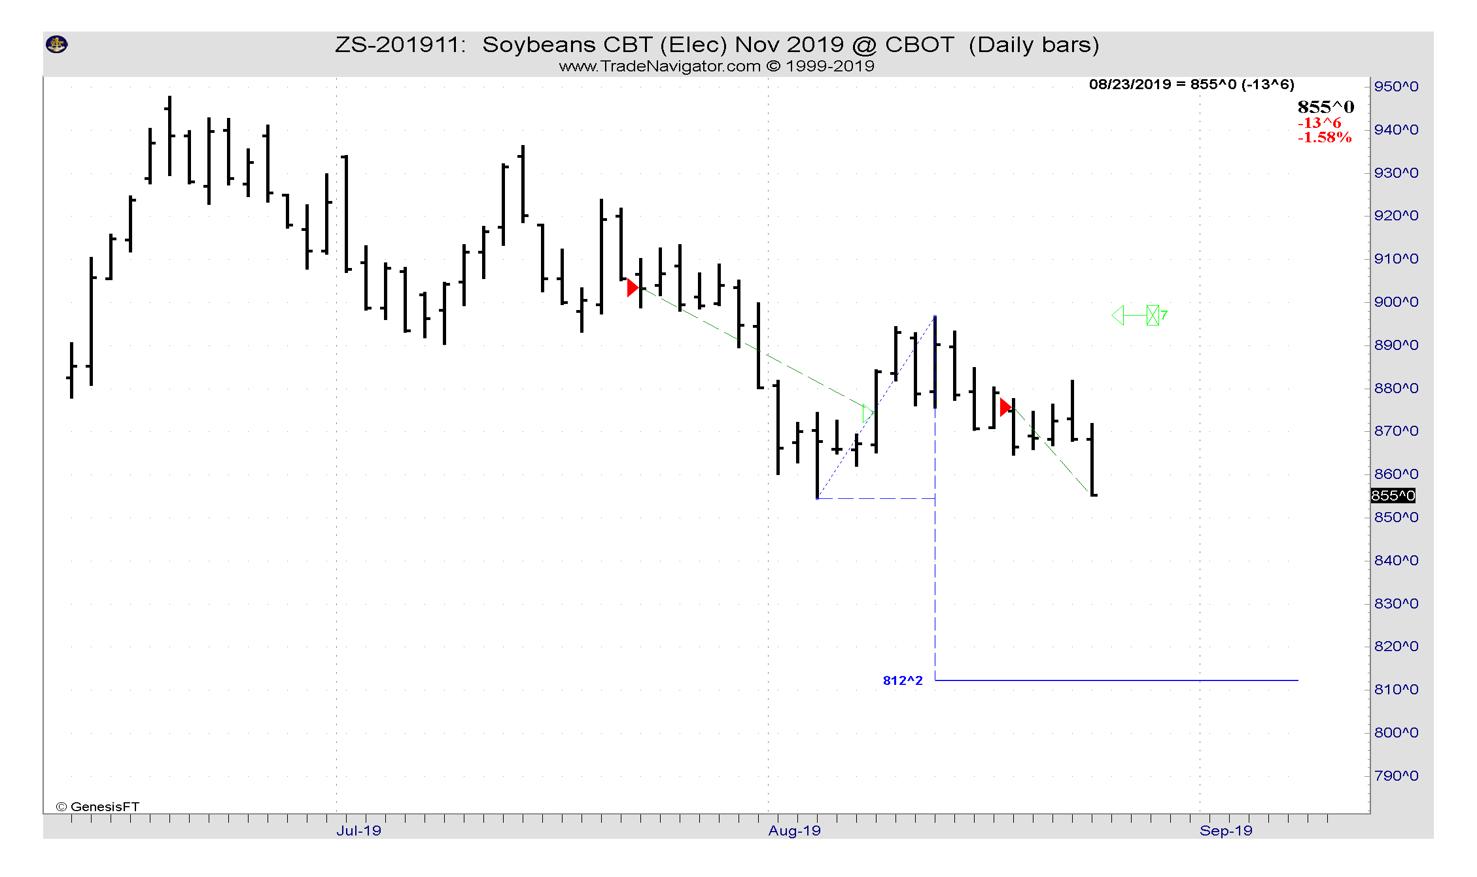 Trading nach COT Daten Wochenergebnis Pro Account KW34 '19 -23- 4